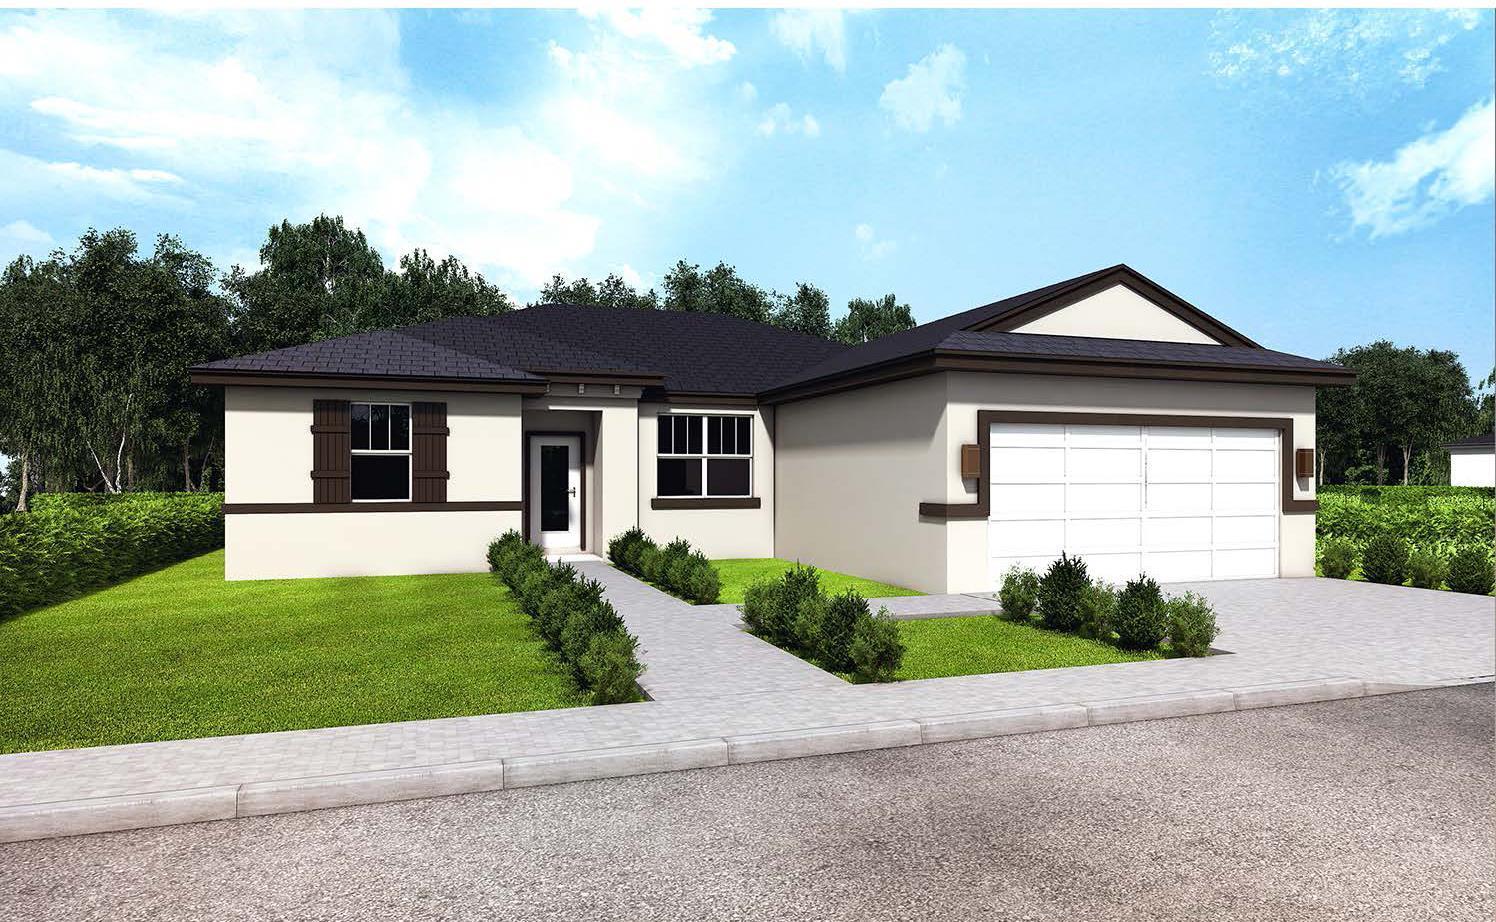 Model 1750 Elevation B:Genesis Homes